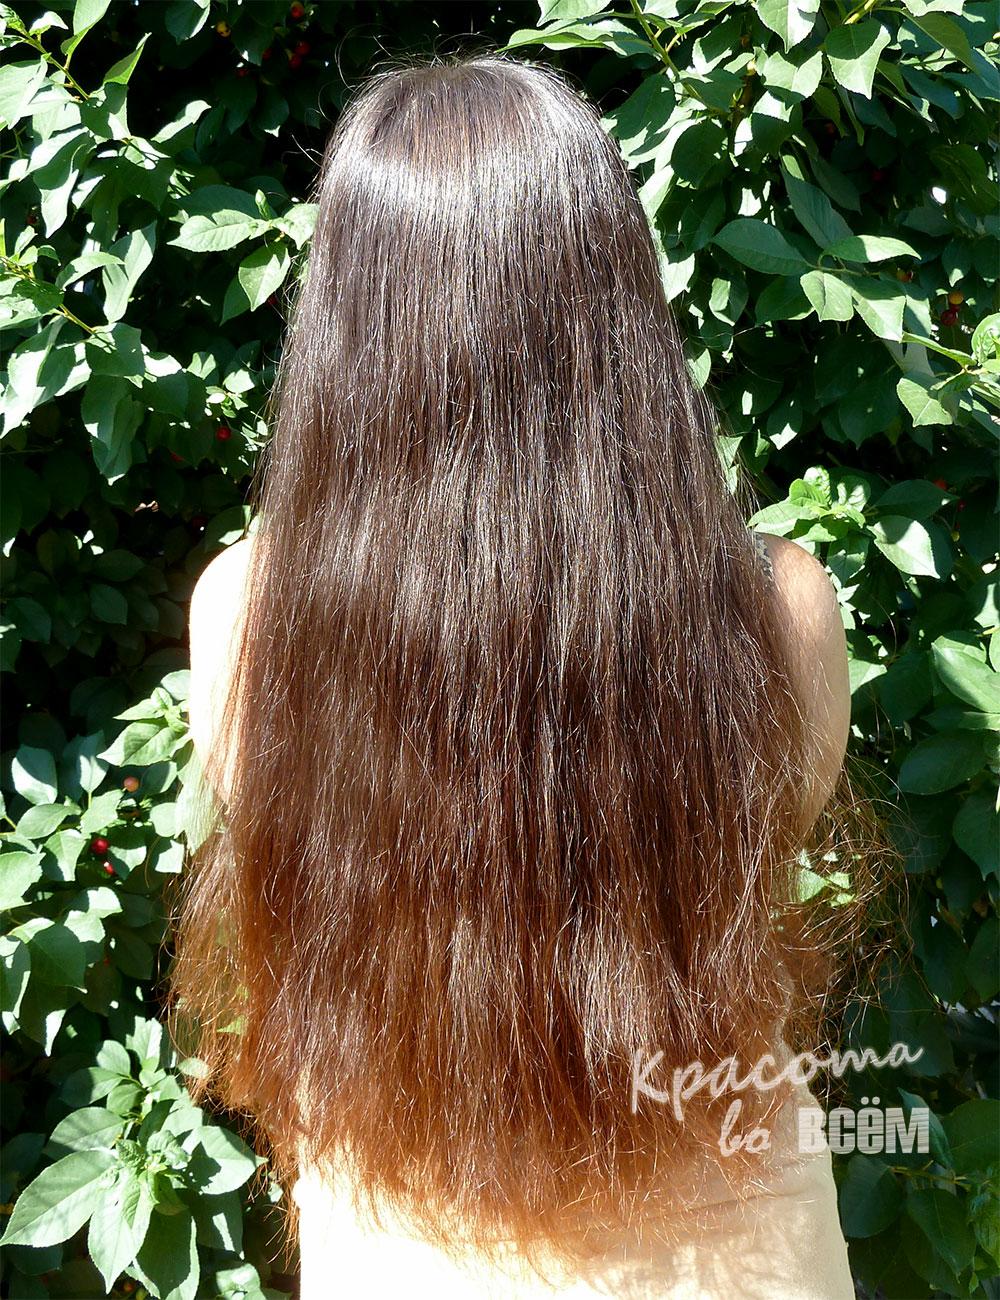 Кокосовое масло для красоты волос. Волосы при дневном свете после кокосового масла.